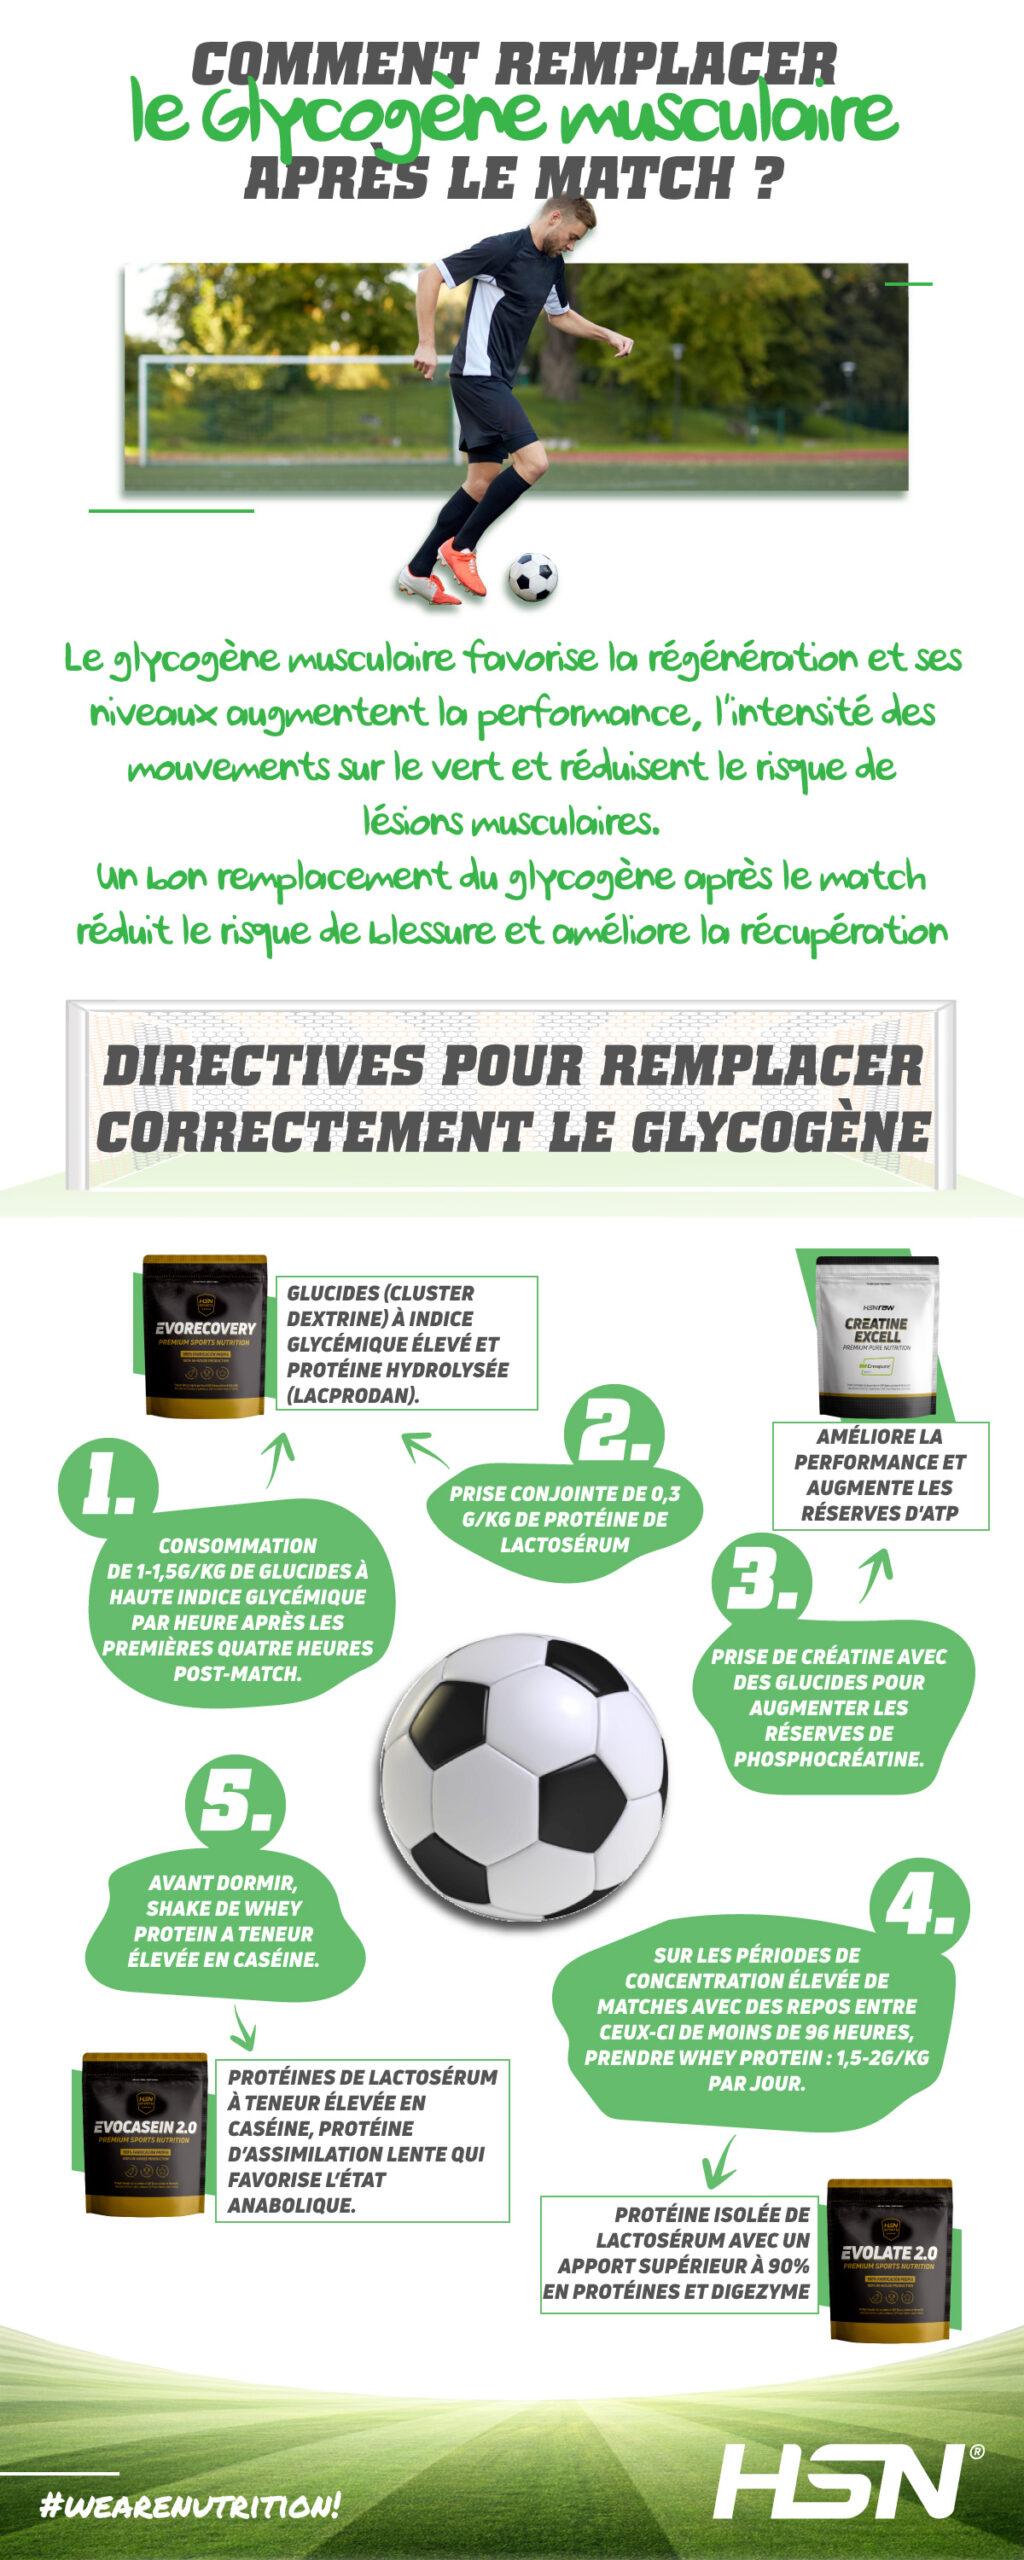 Comment récupérer le glycogène après un match de football ?